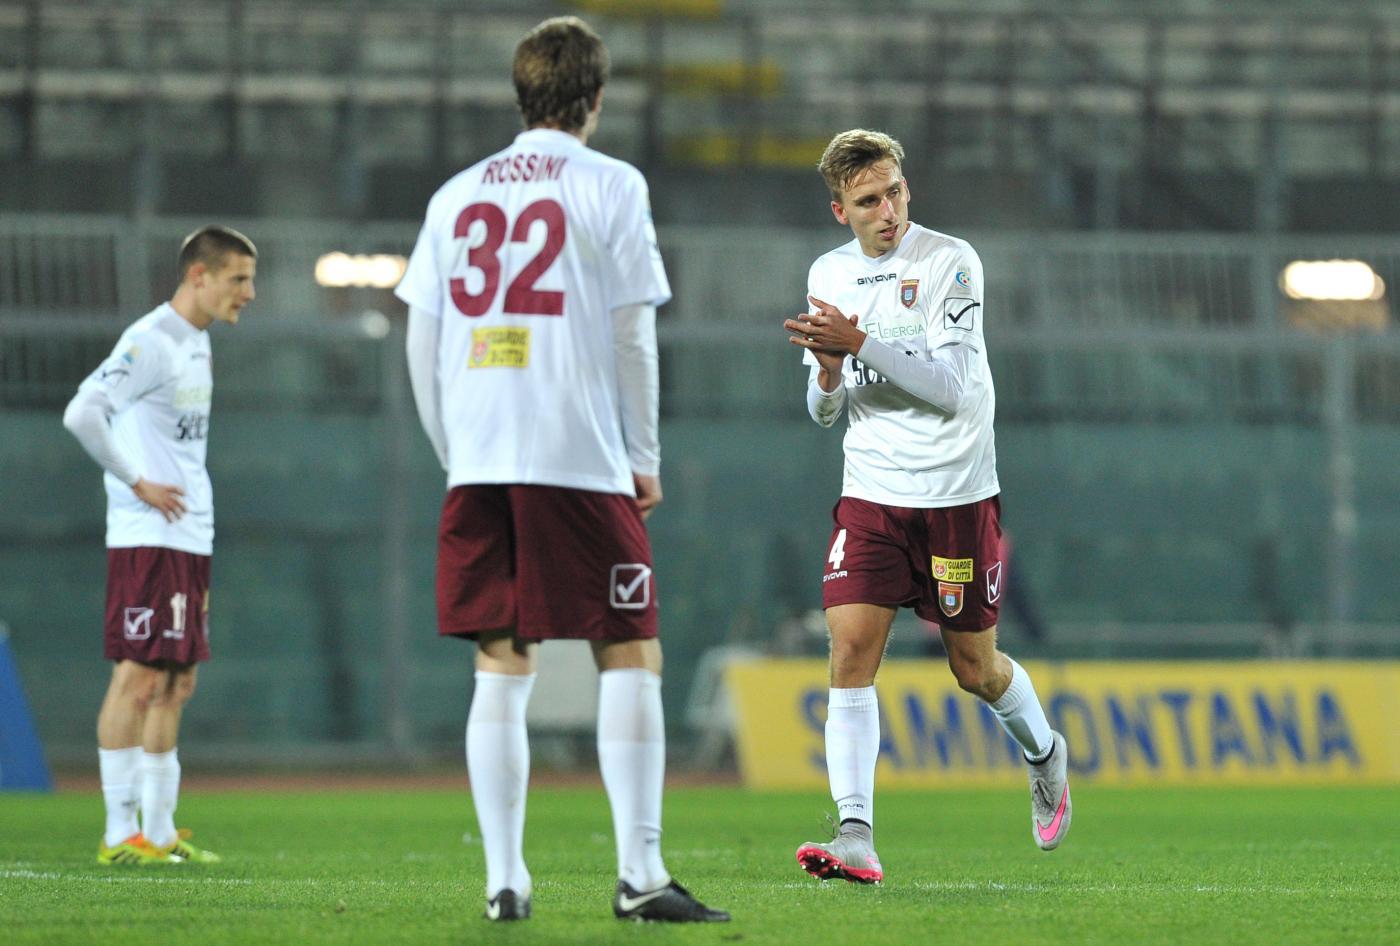 Serie C, Pontedera-Albissola mercoledì 26 settembre: analisi e pronostico della terza giornata della terza divisione italiana